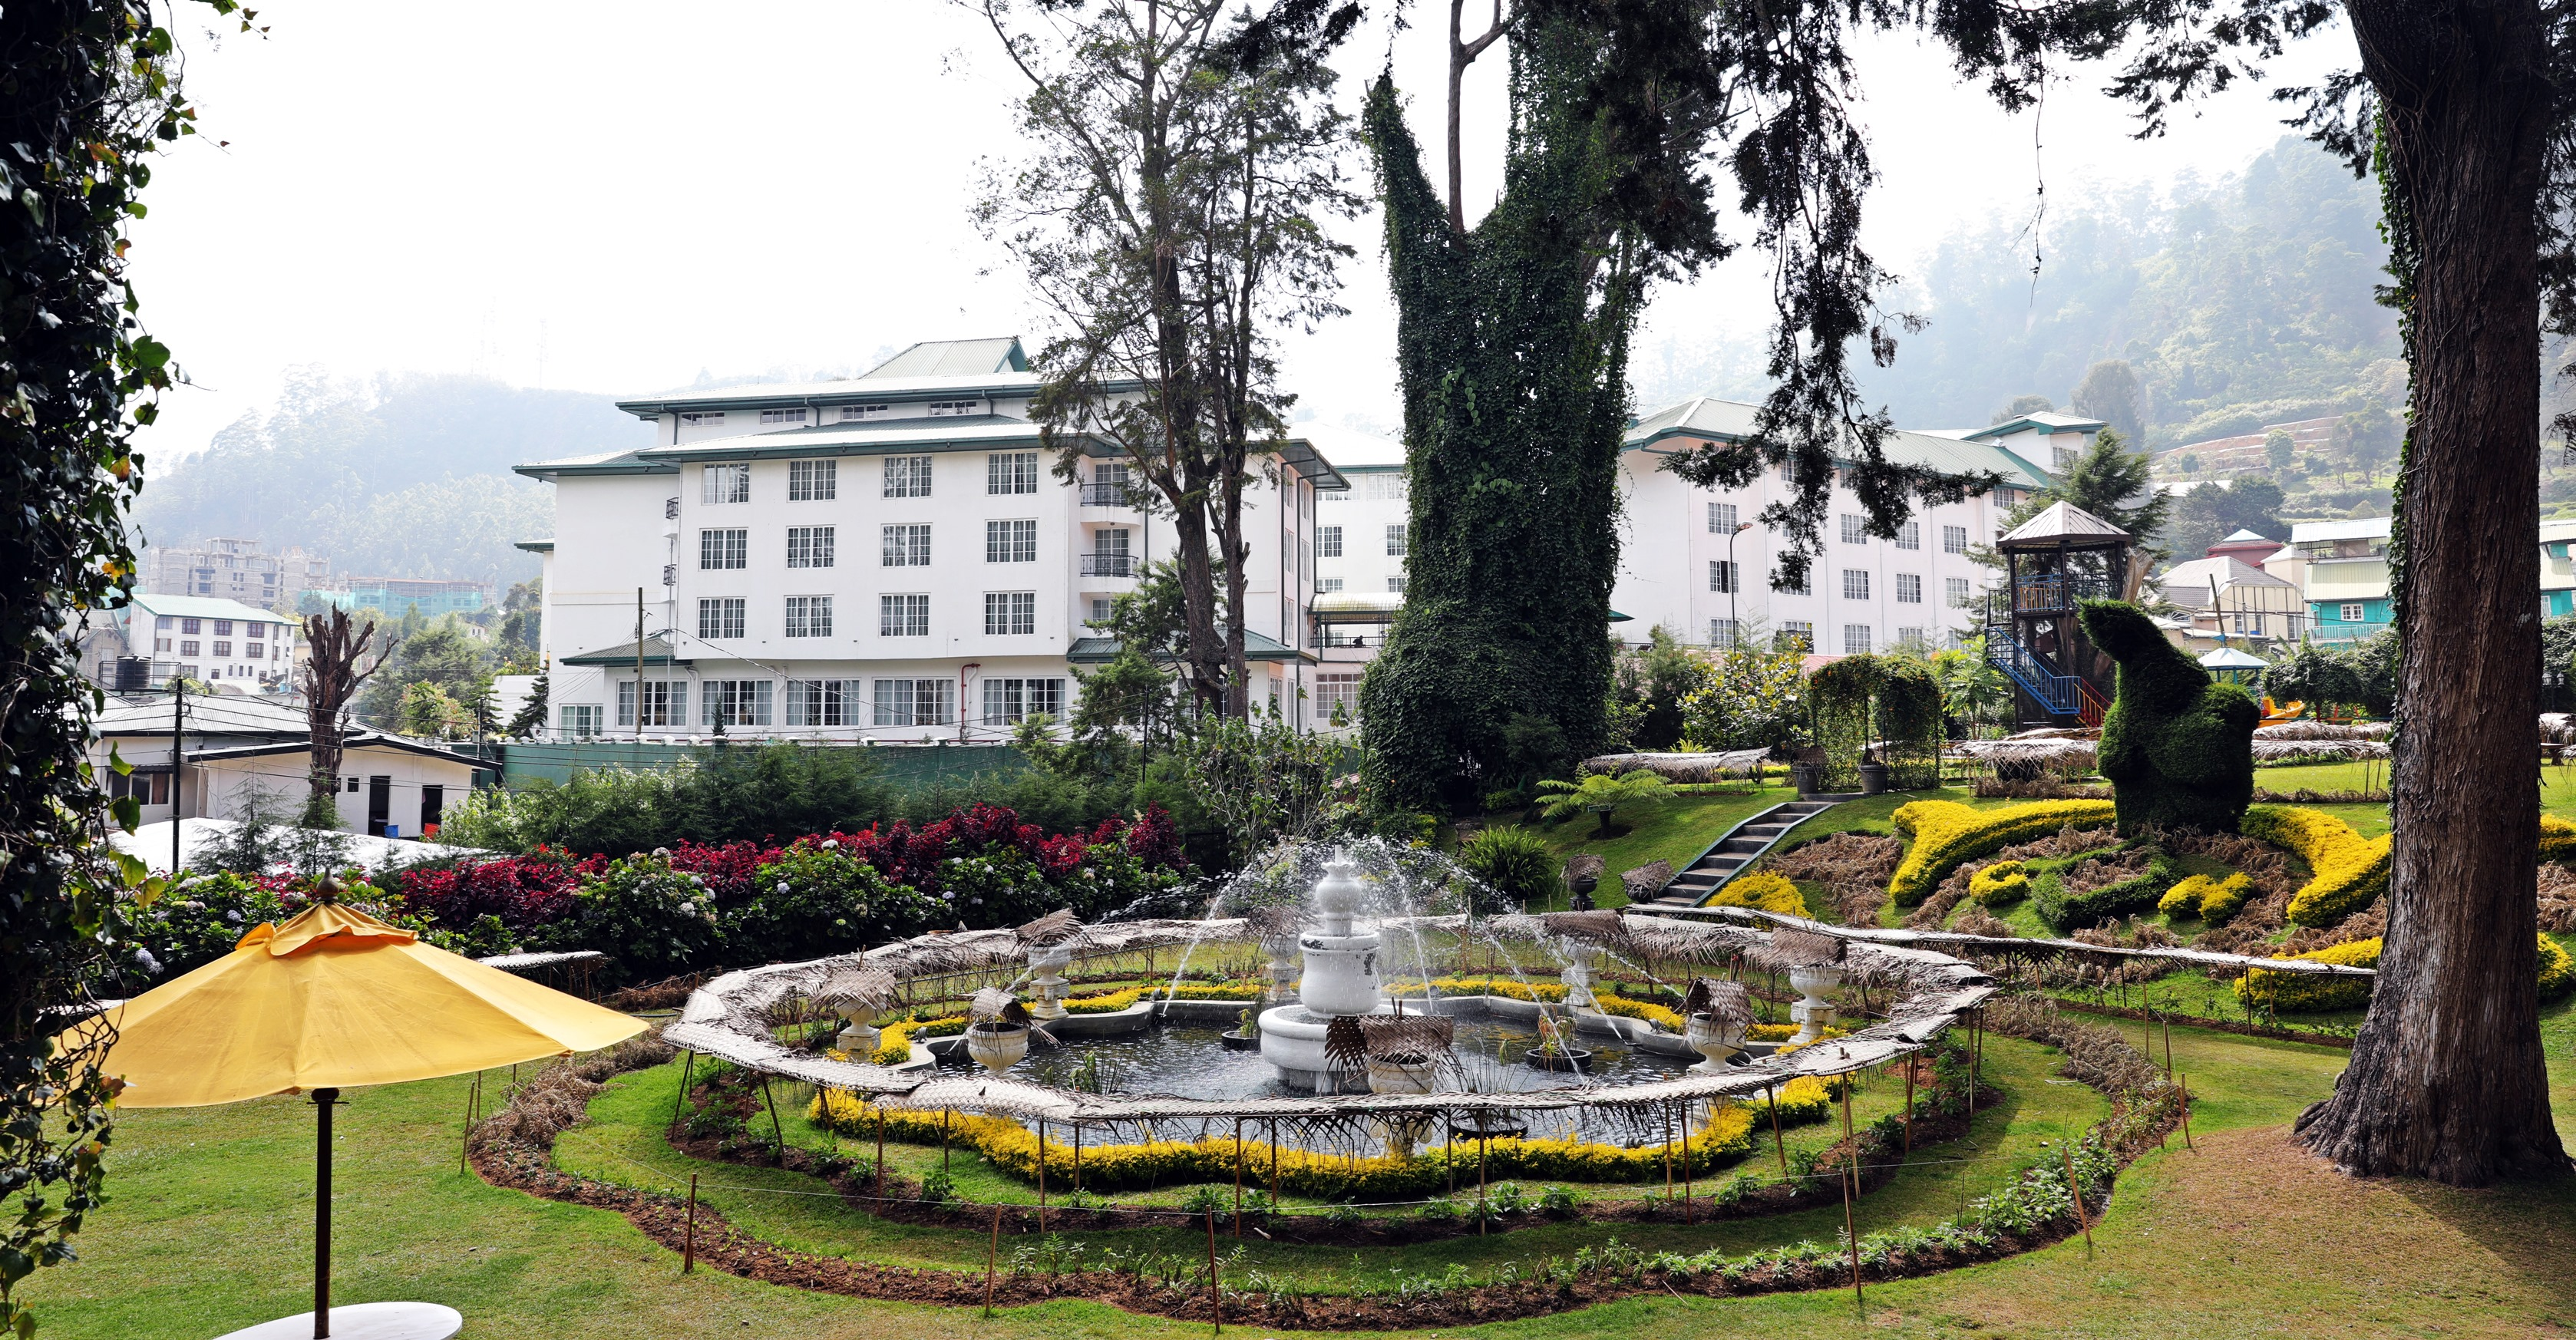 Garden, Grand Hotel, Nuwara Eliya